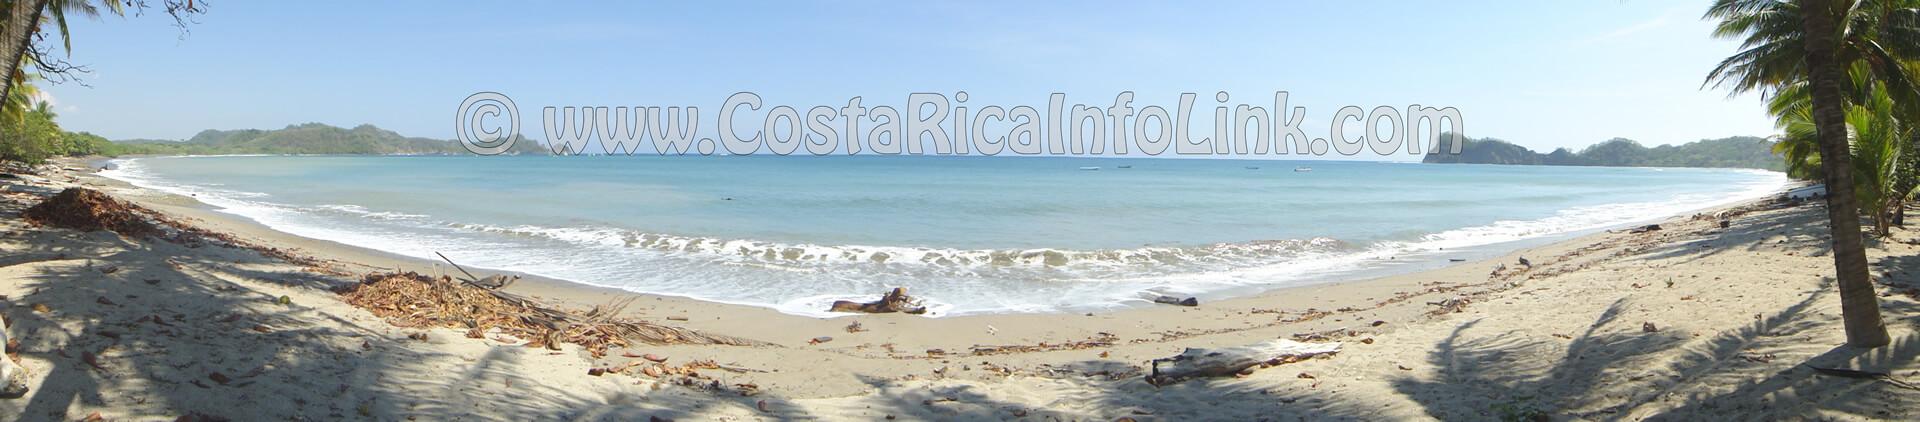 Playa Garza Costa Rica Panoramica